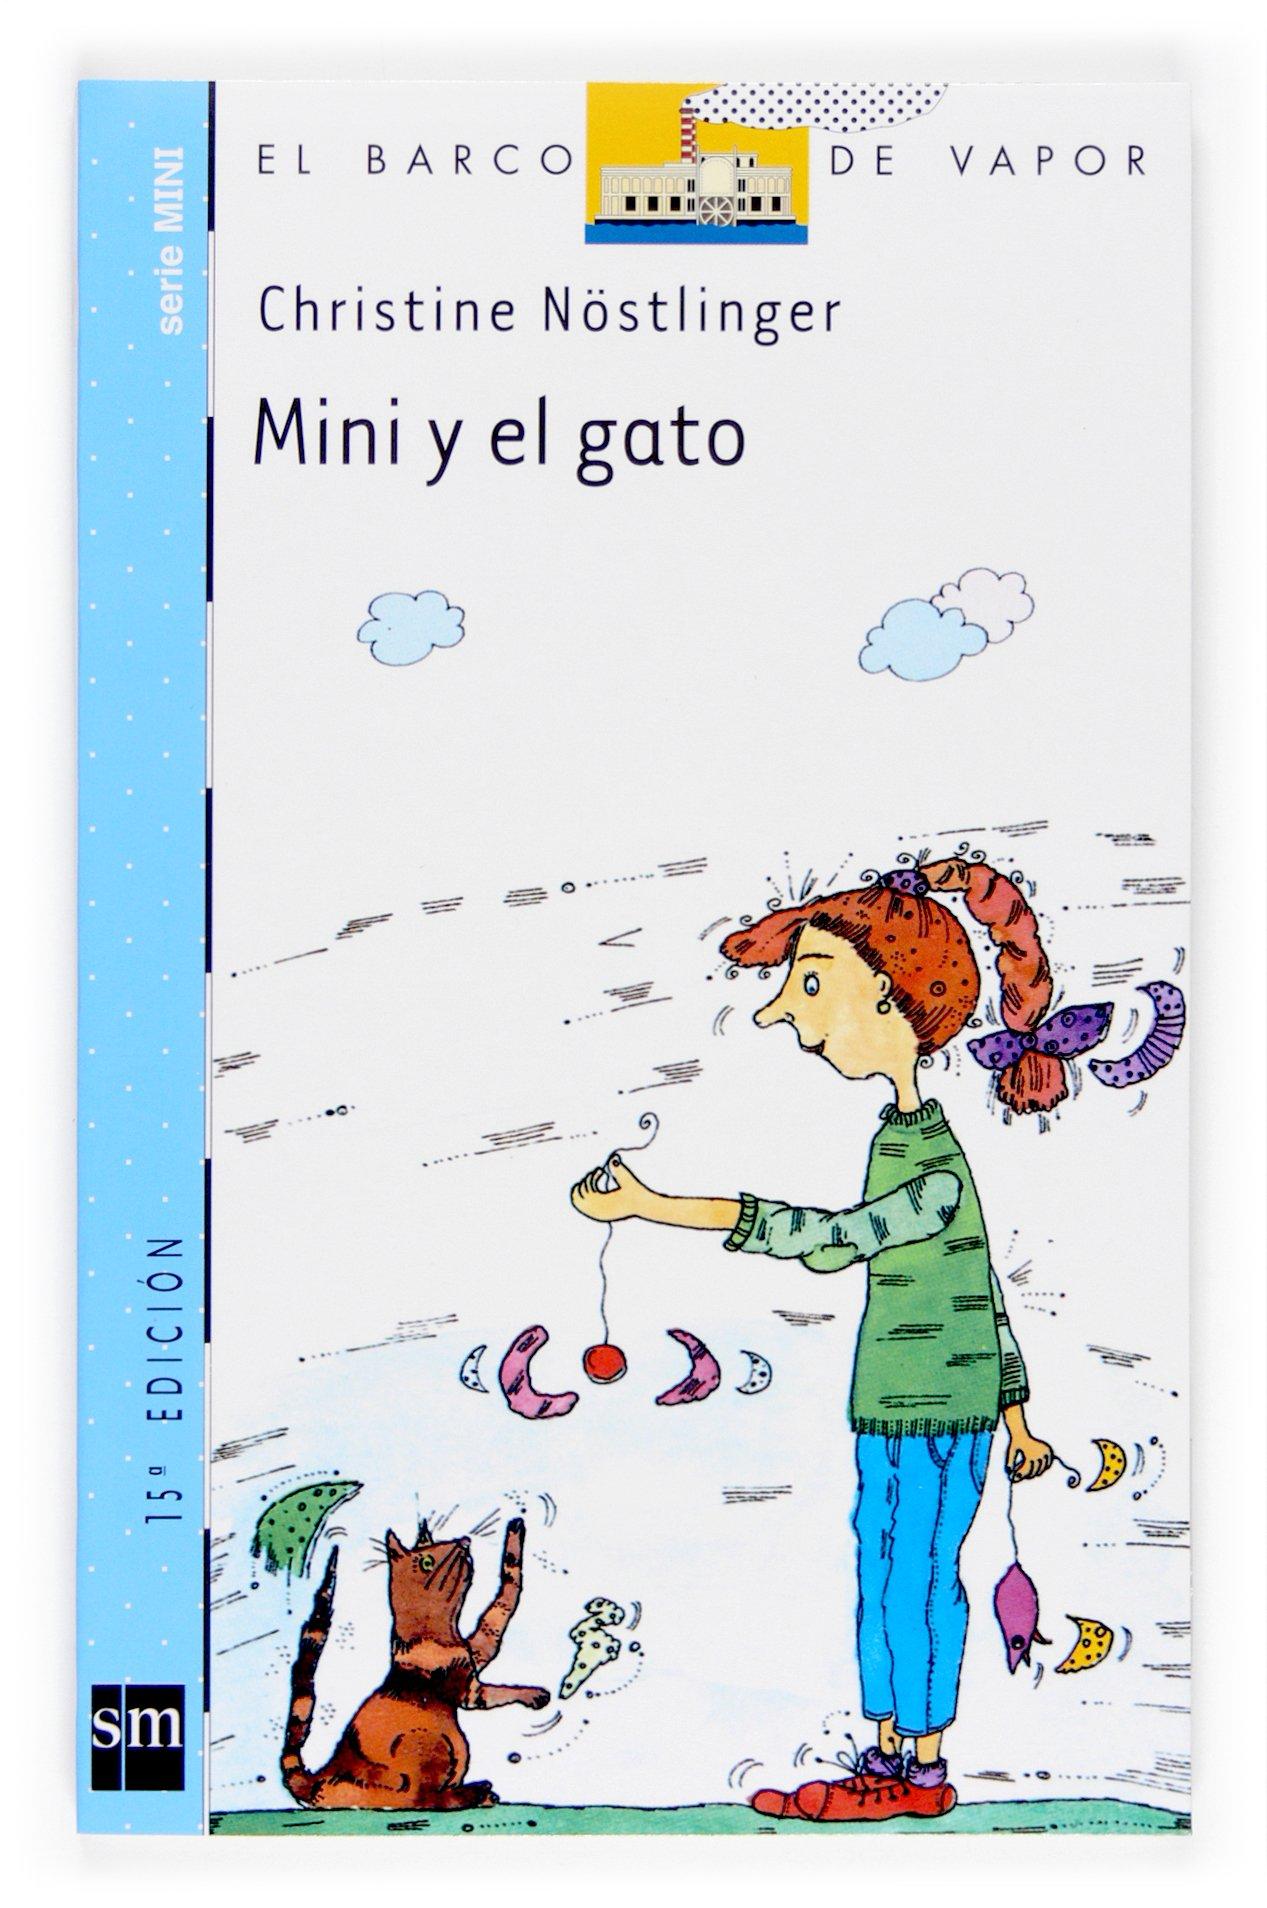 Mini y el gato/ Mimi and the Cat (El barco de vapor: Serie mini/ The Steamboat: Mini Series) (Spanish Edition) (Spanish) Paperback – April 1, 2003